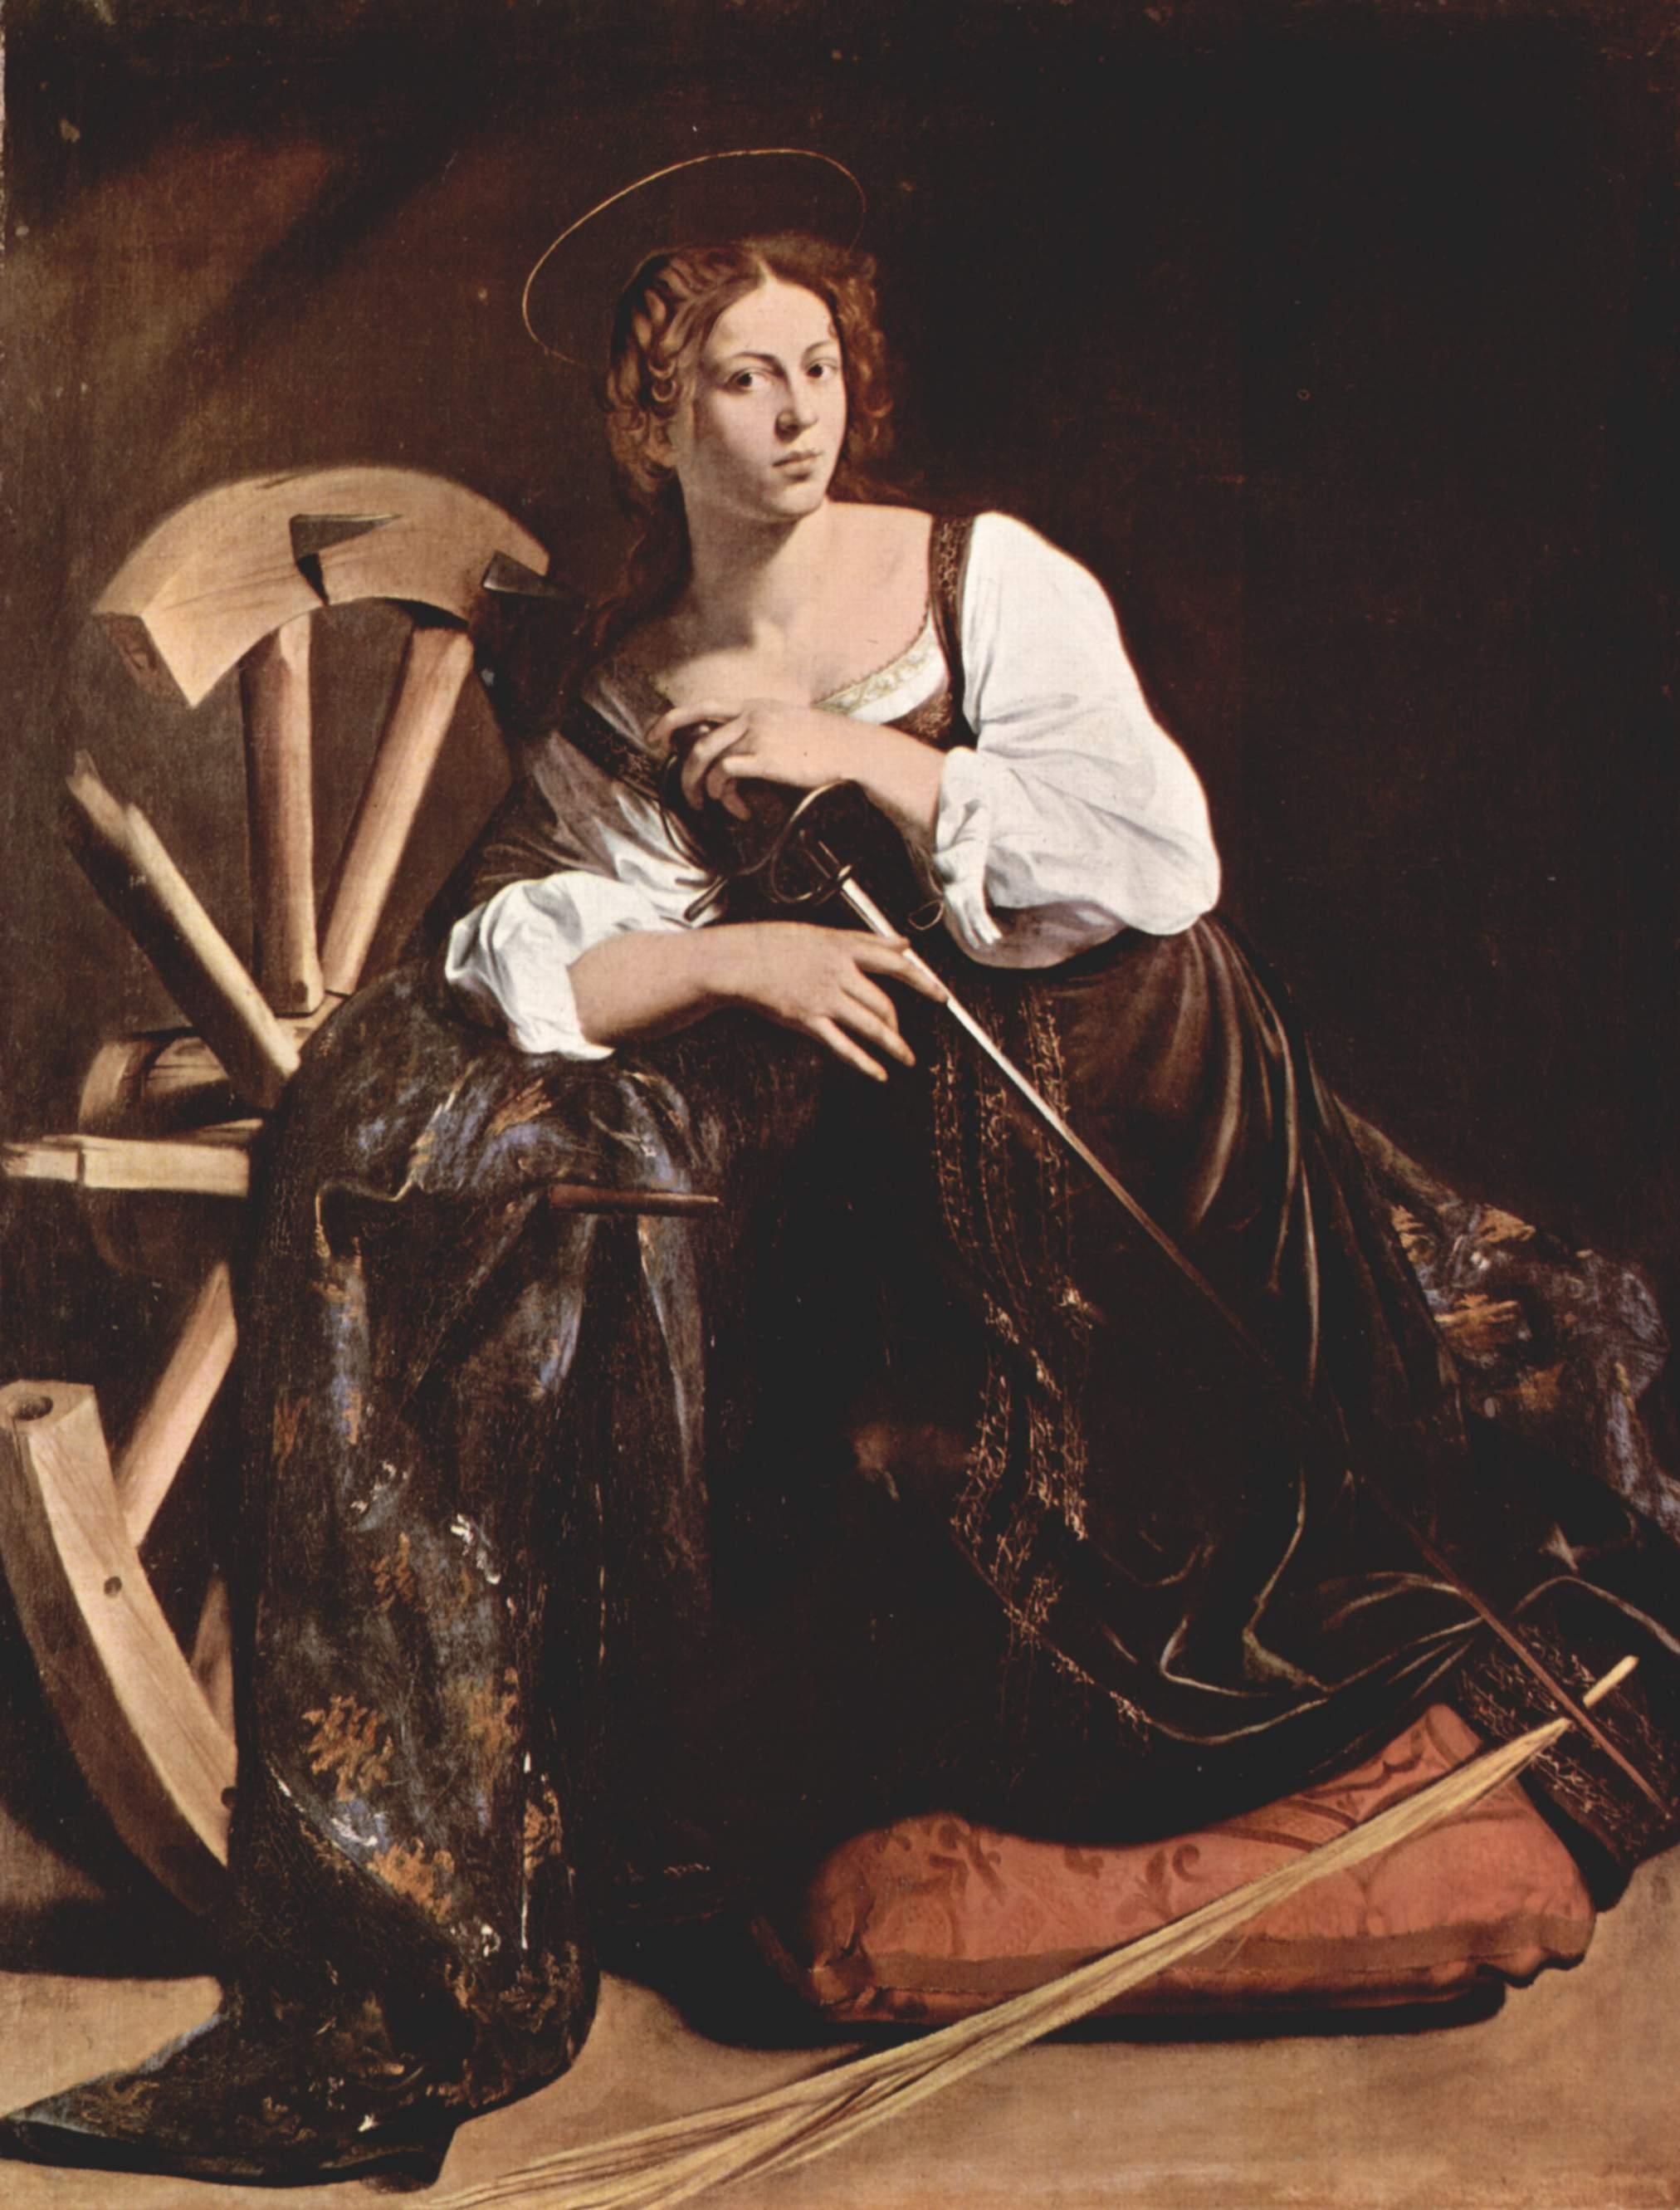 Св. Екатерина Александрийская, Микеланджело Меризи де Караваджо